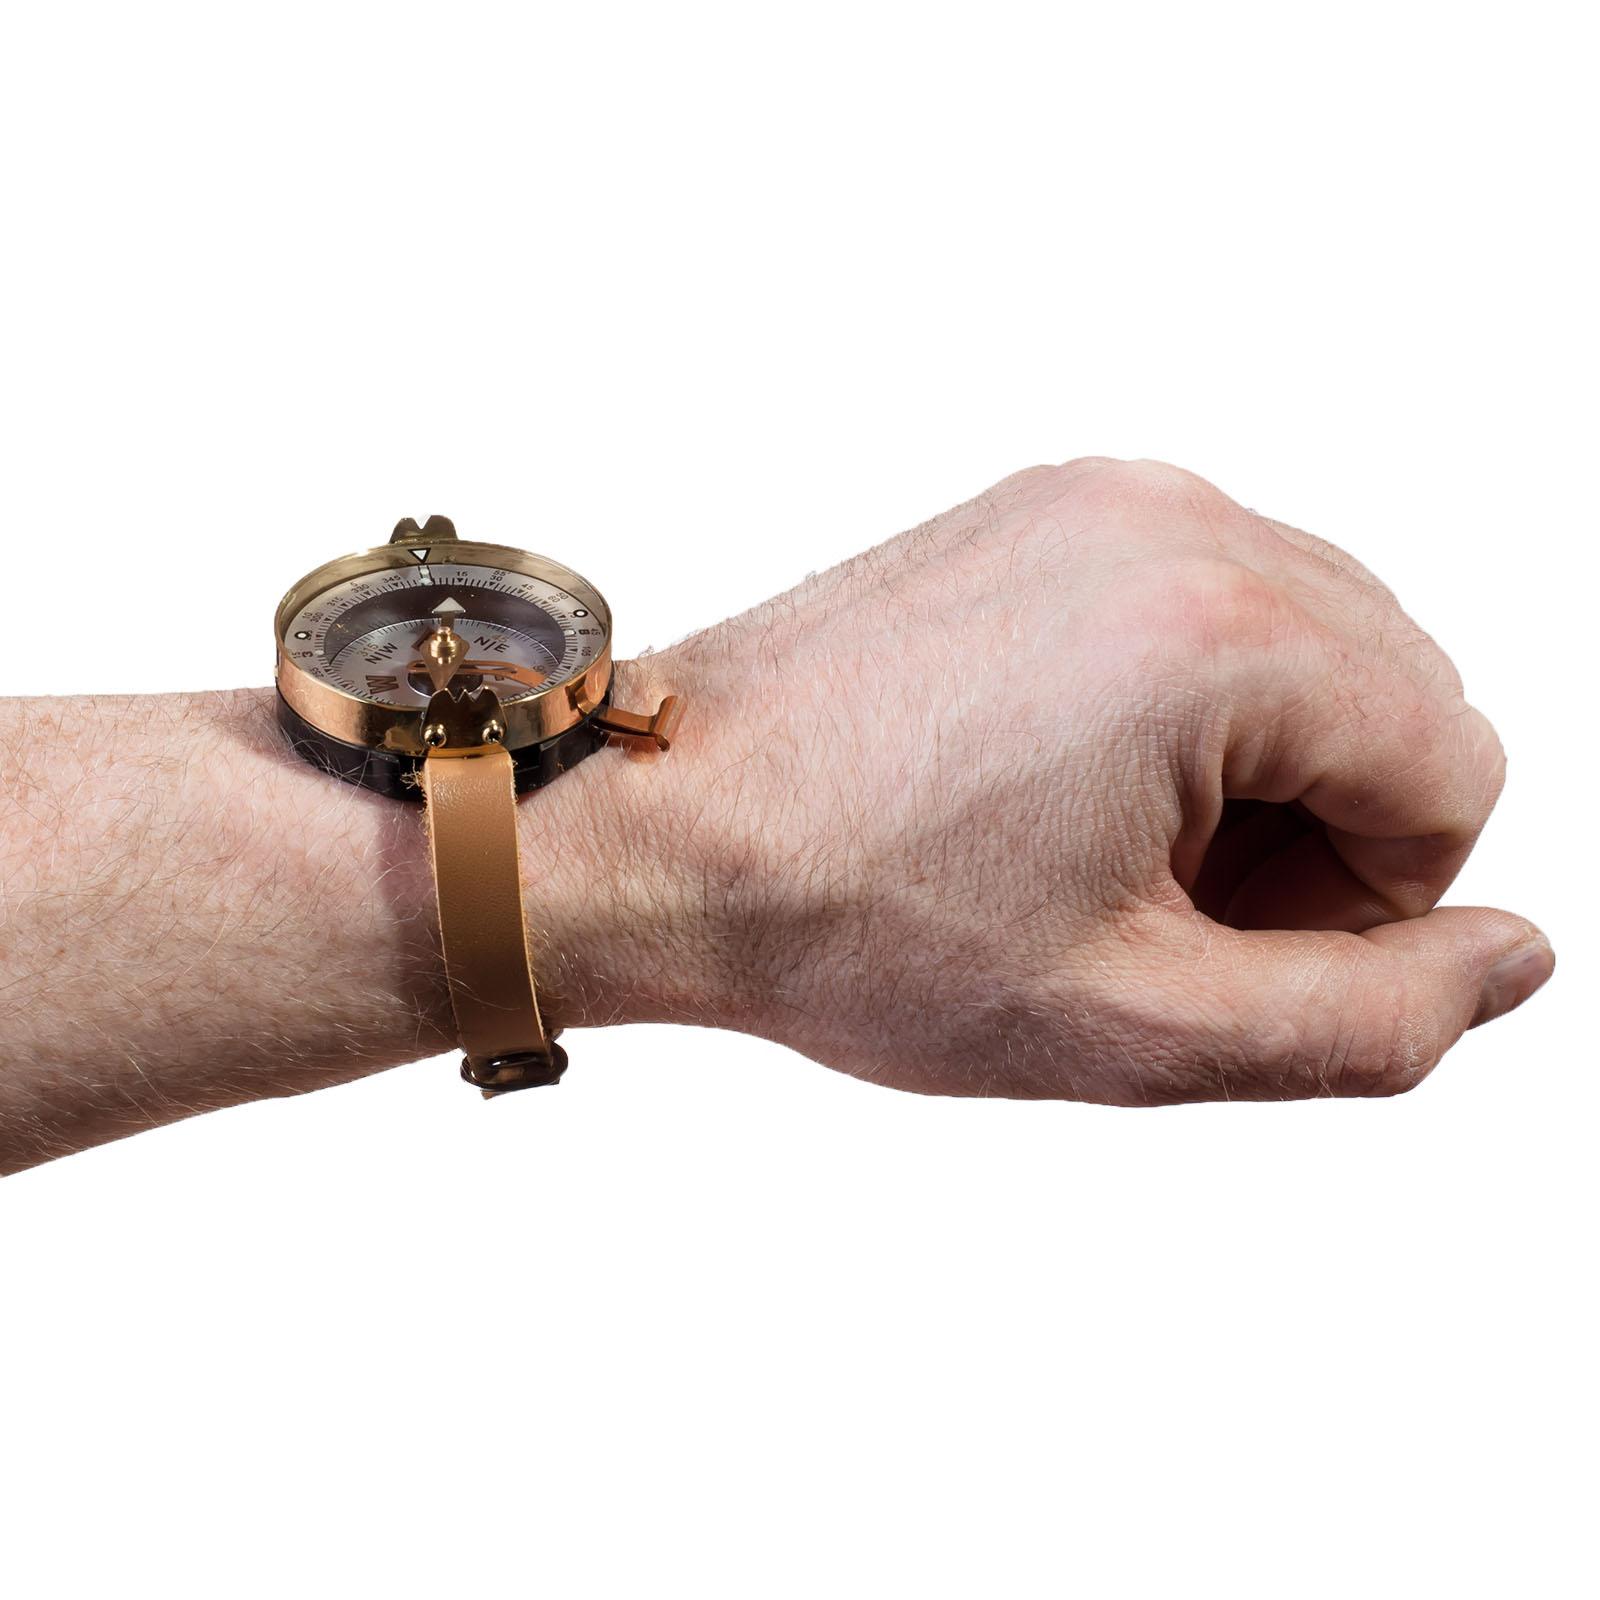 Новый компас Адрианова армейский по специальной цене